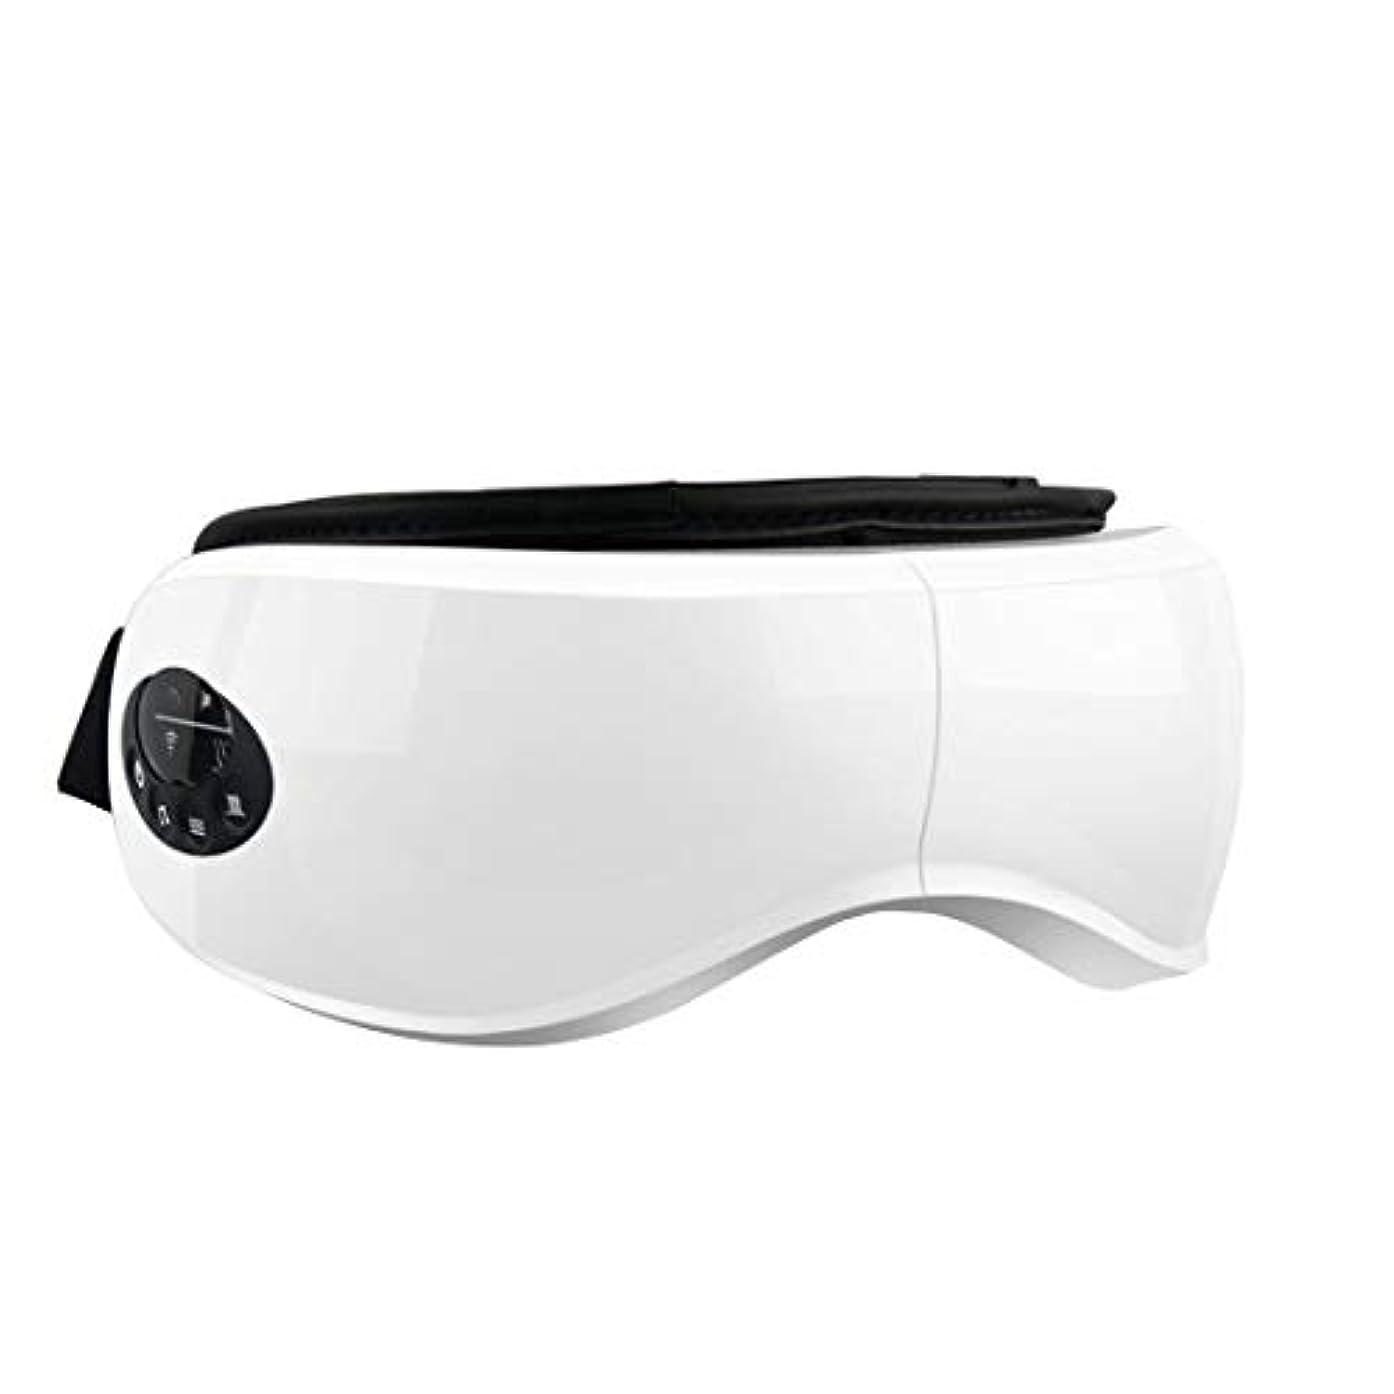 方朝日スポーツ用品店 空気圧振動を伴う電気アイテンプルマッサージアイリラックス視力治療のための熱圧迫ストレス疲労